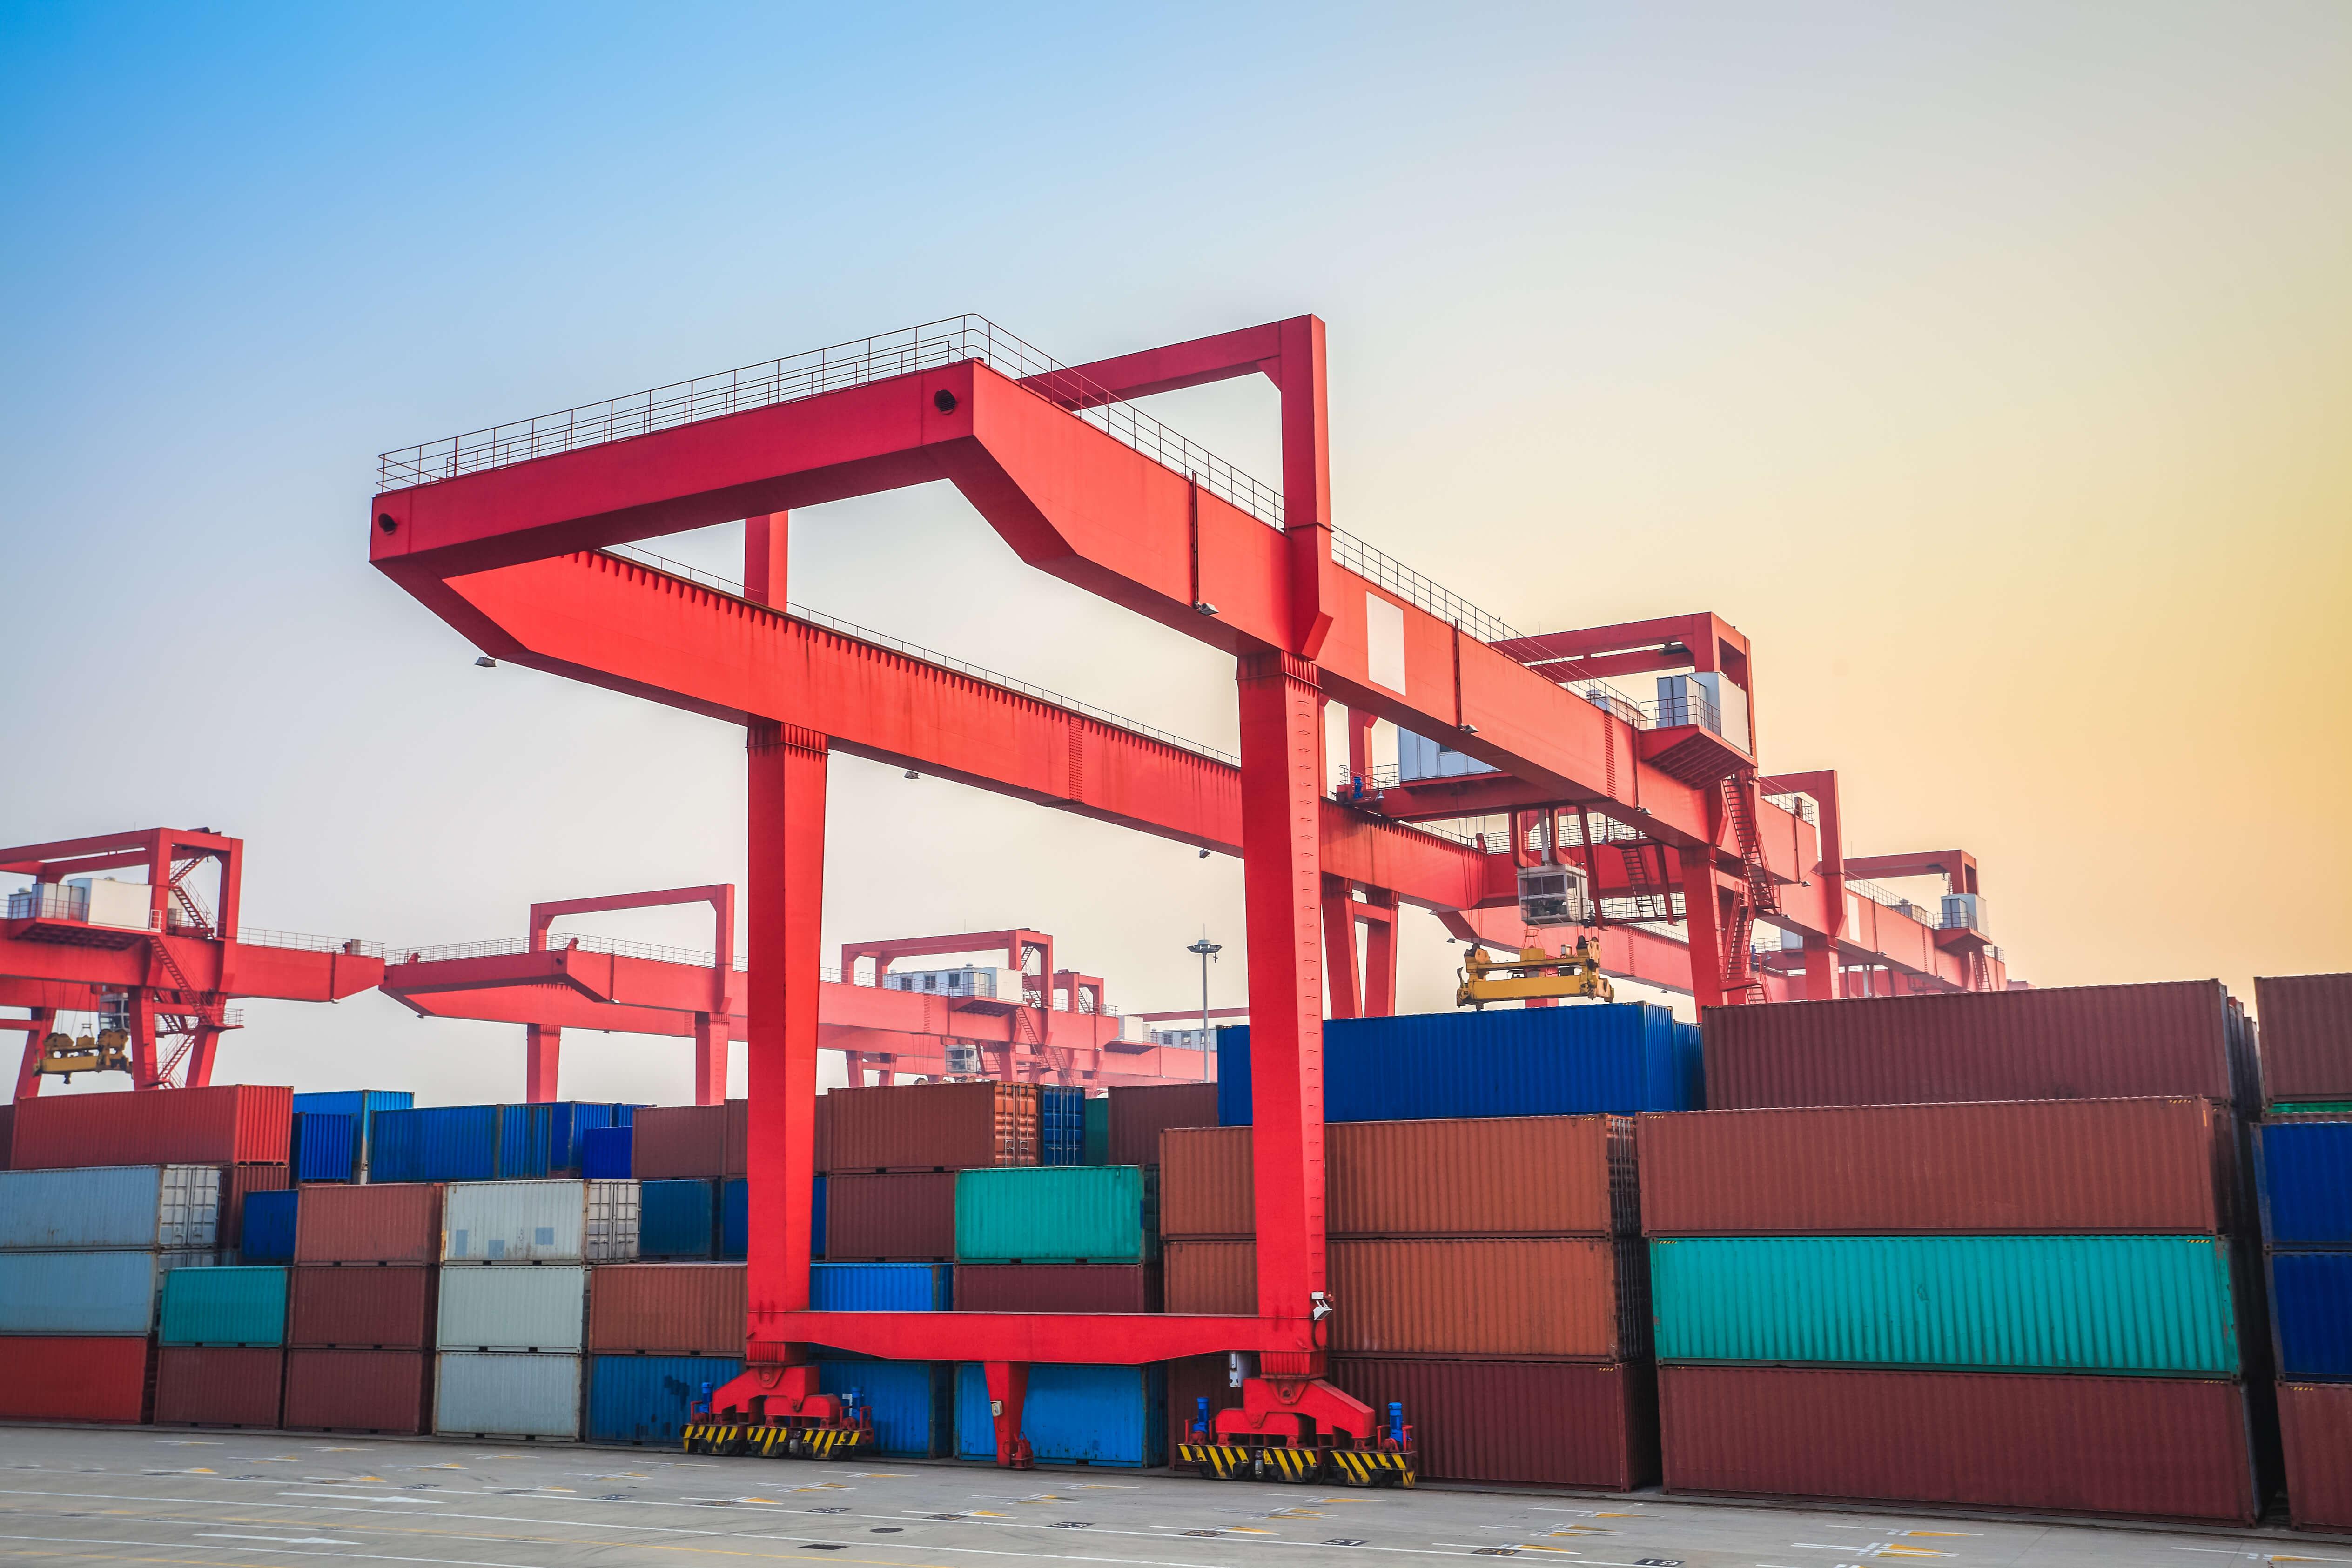 2019.7.17 英語ニュース記事:中国の低GDPが与える影響